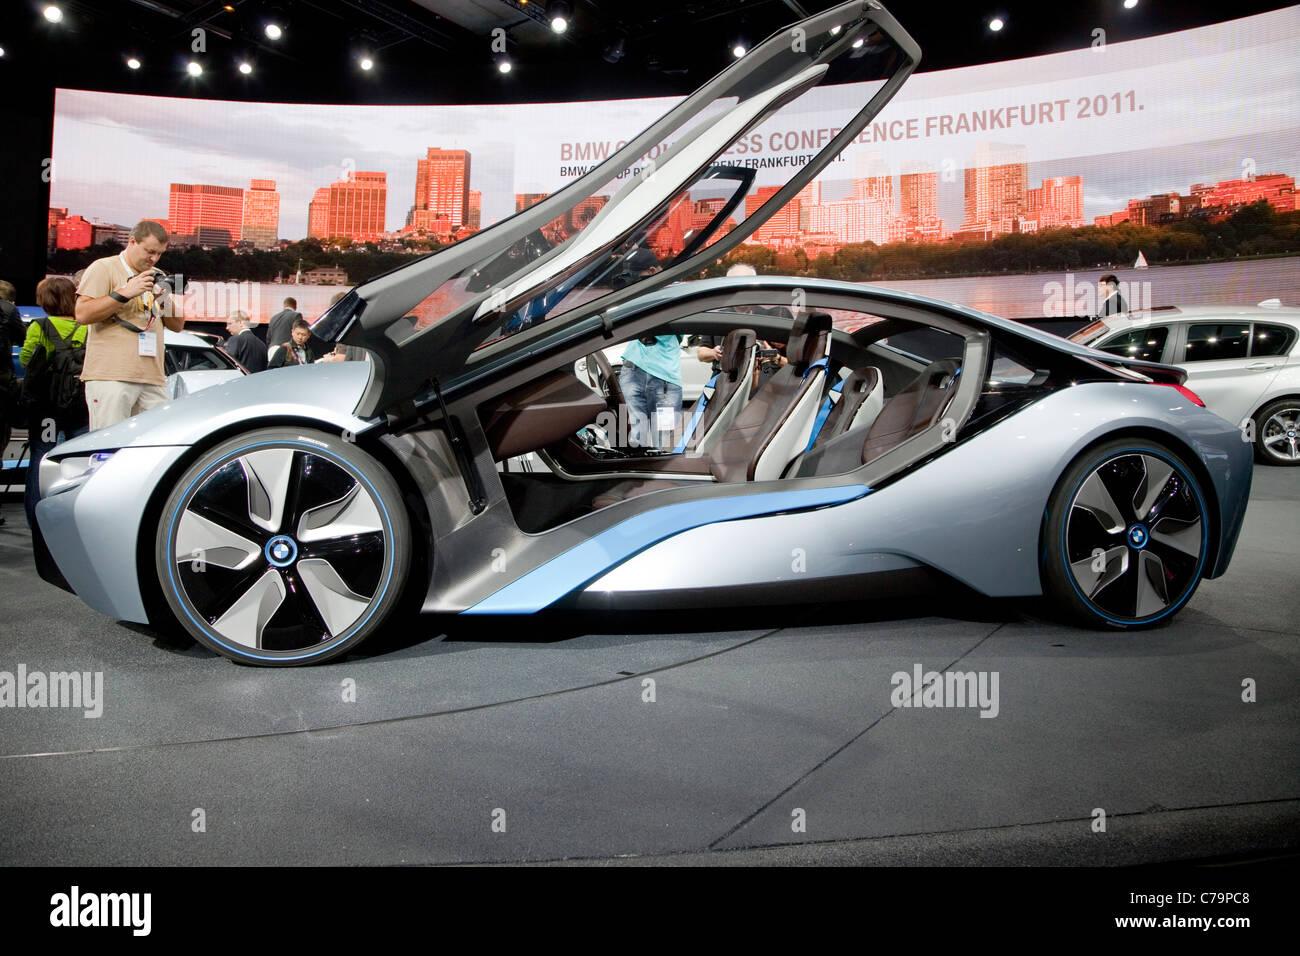 Nouvelle BMW i8 Concept électrique Caron l'IAA 2011 International Motor Show de Francfort am Main, Allemagne Photo Stock